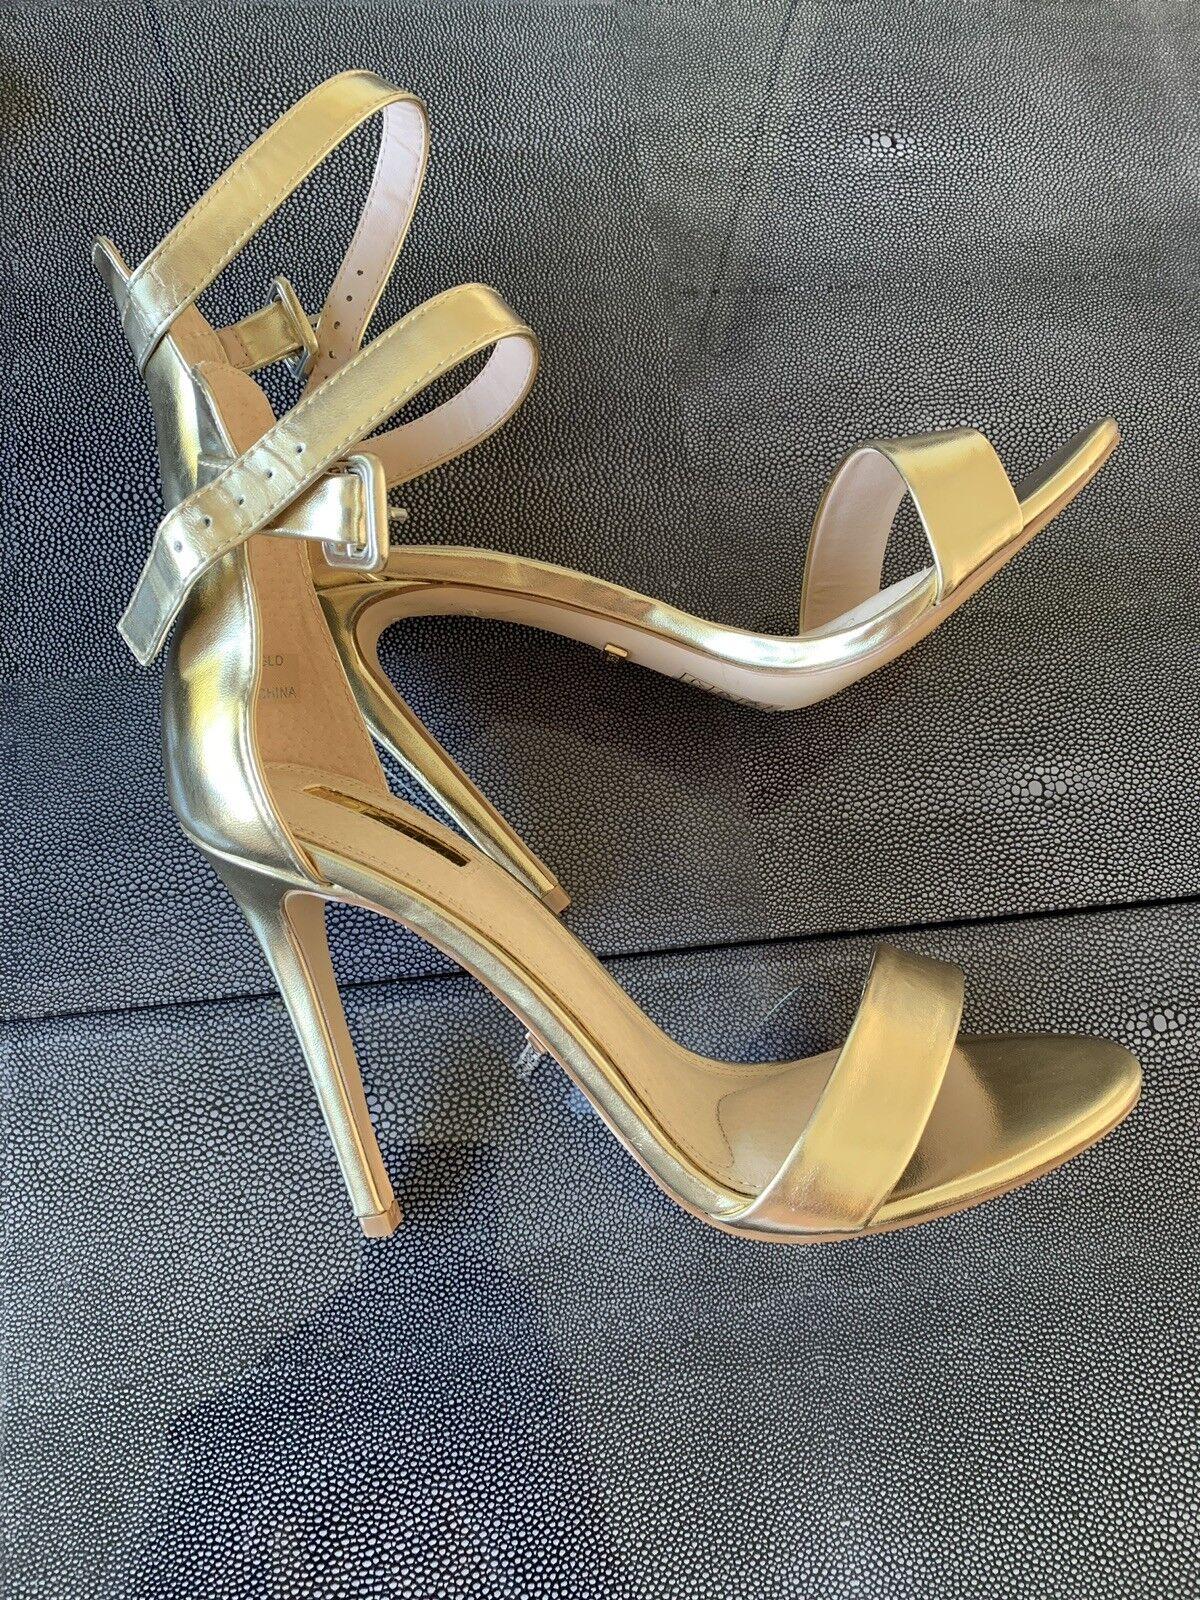 Topshop sandali in oro oro oro 6 08d2a4